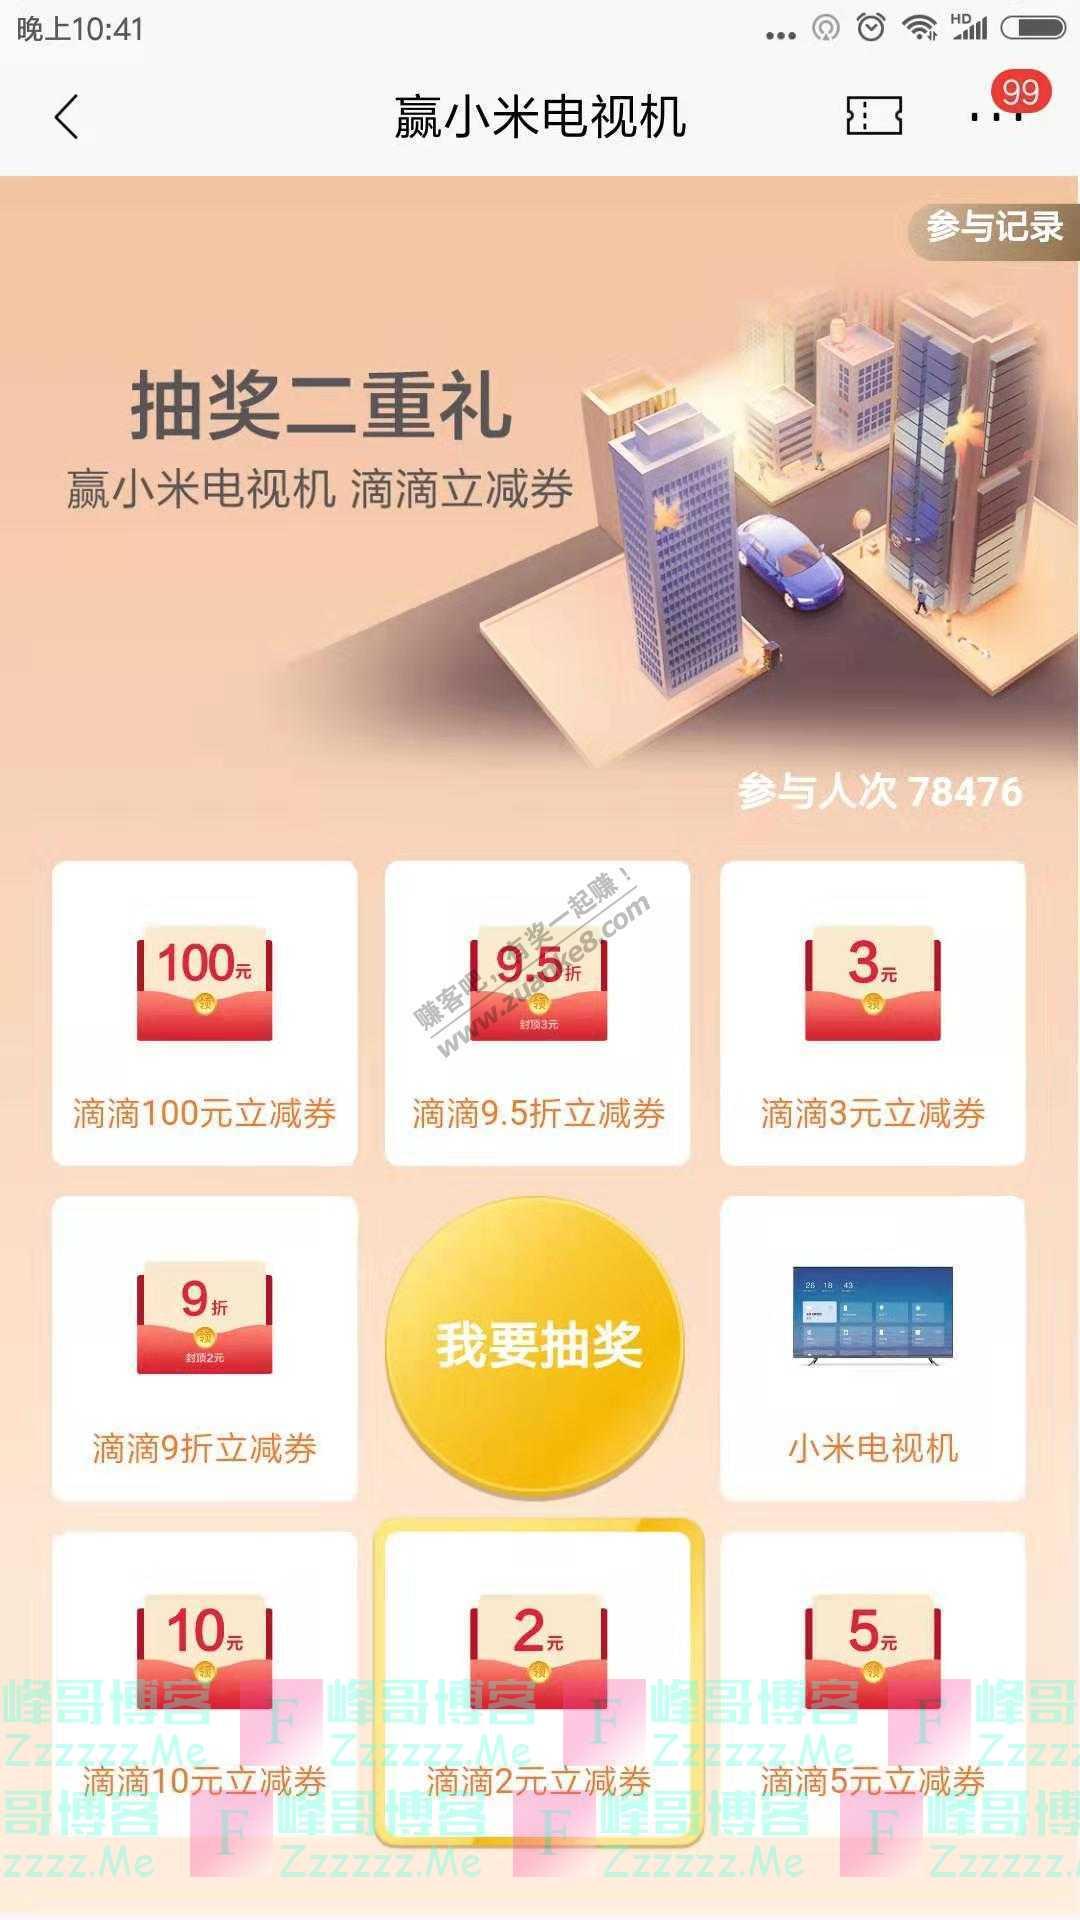 招商银行app赢小米电视机滴滴立减券(截止12月31日)